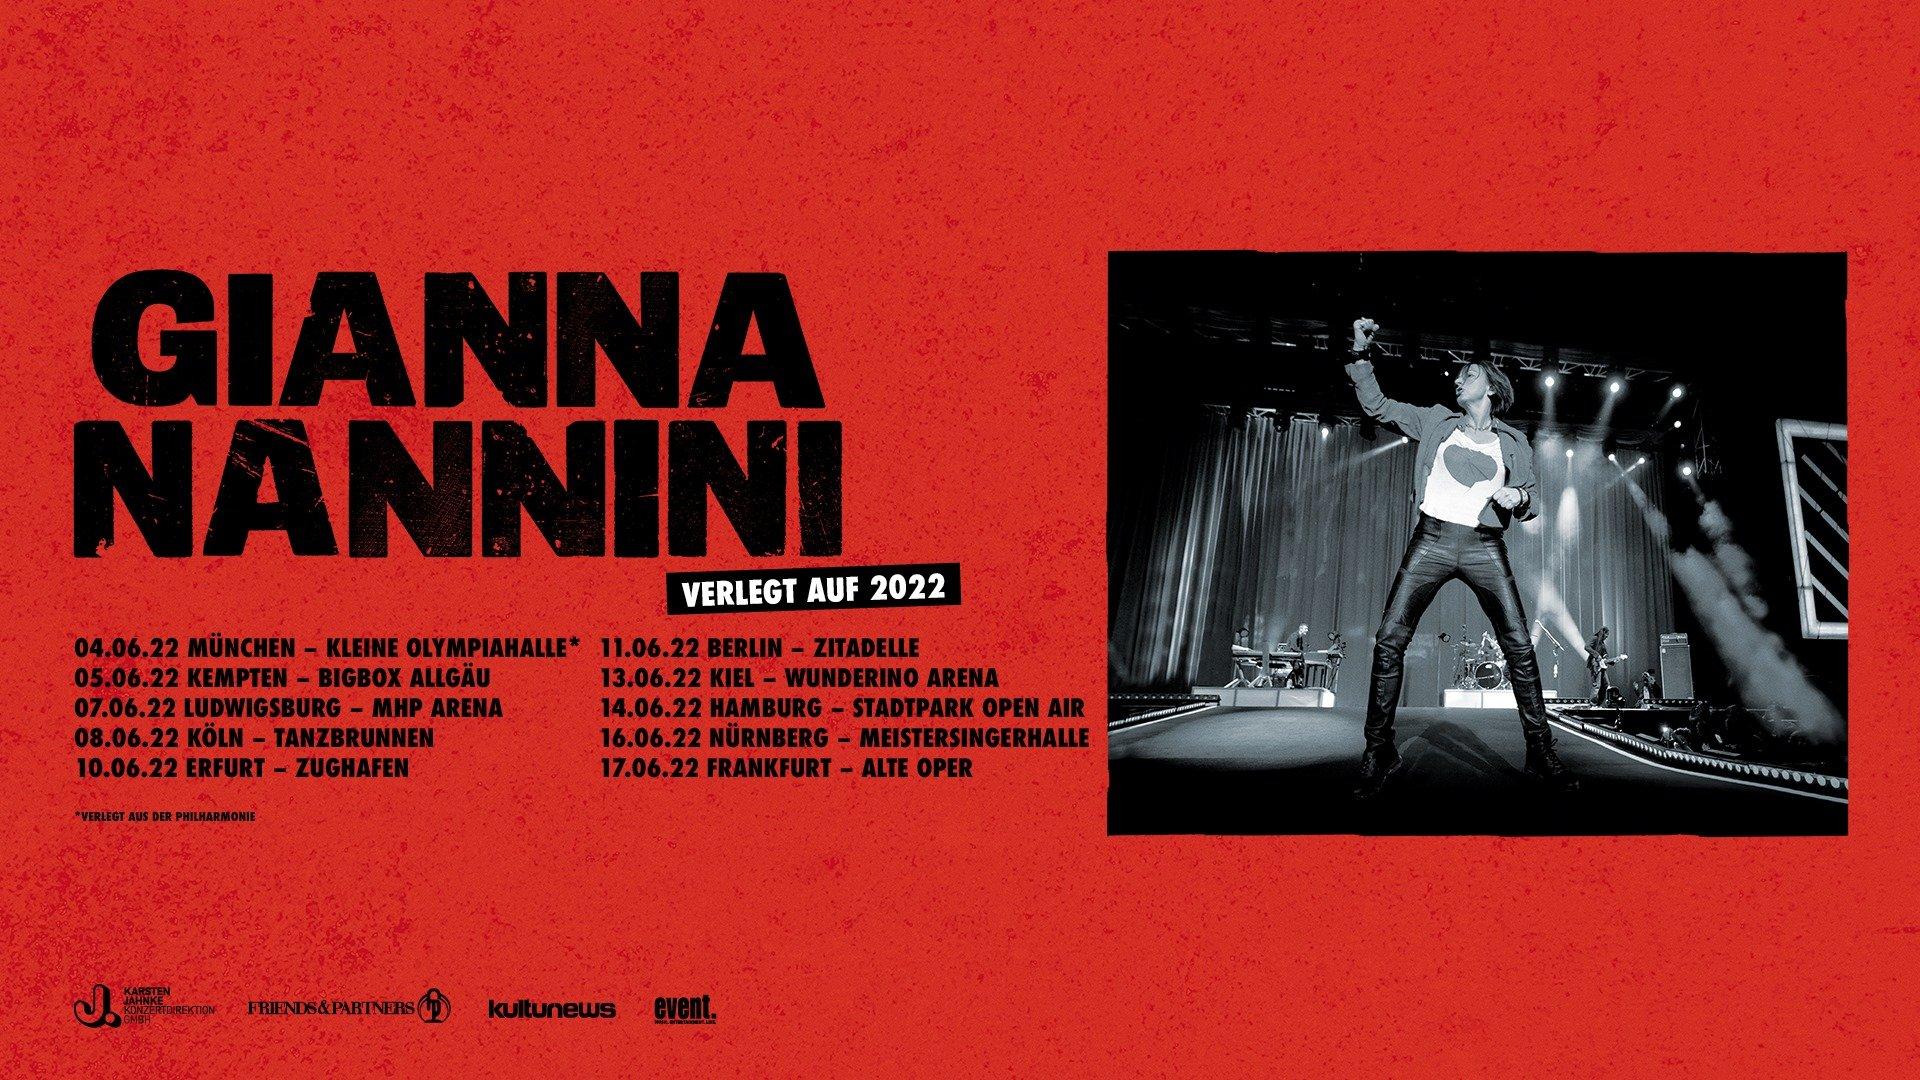 Gianna Naninni